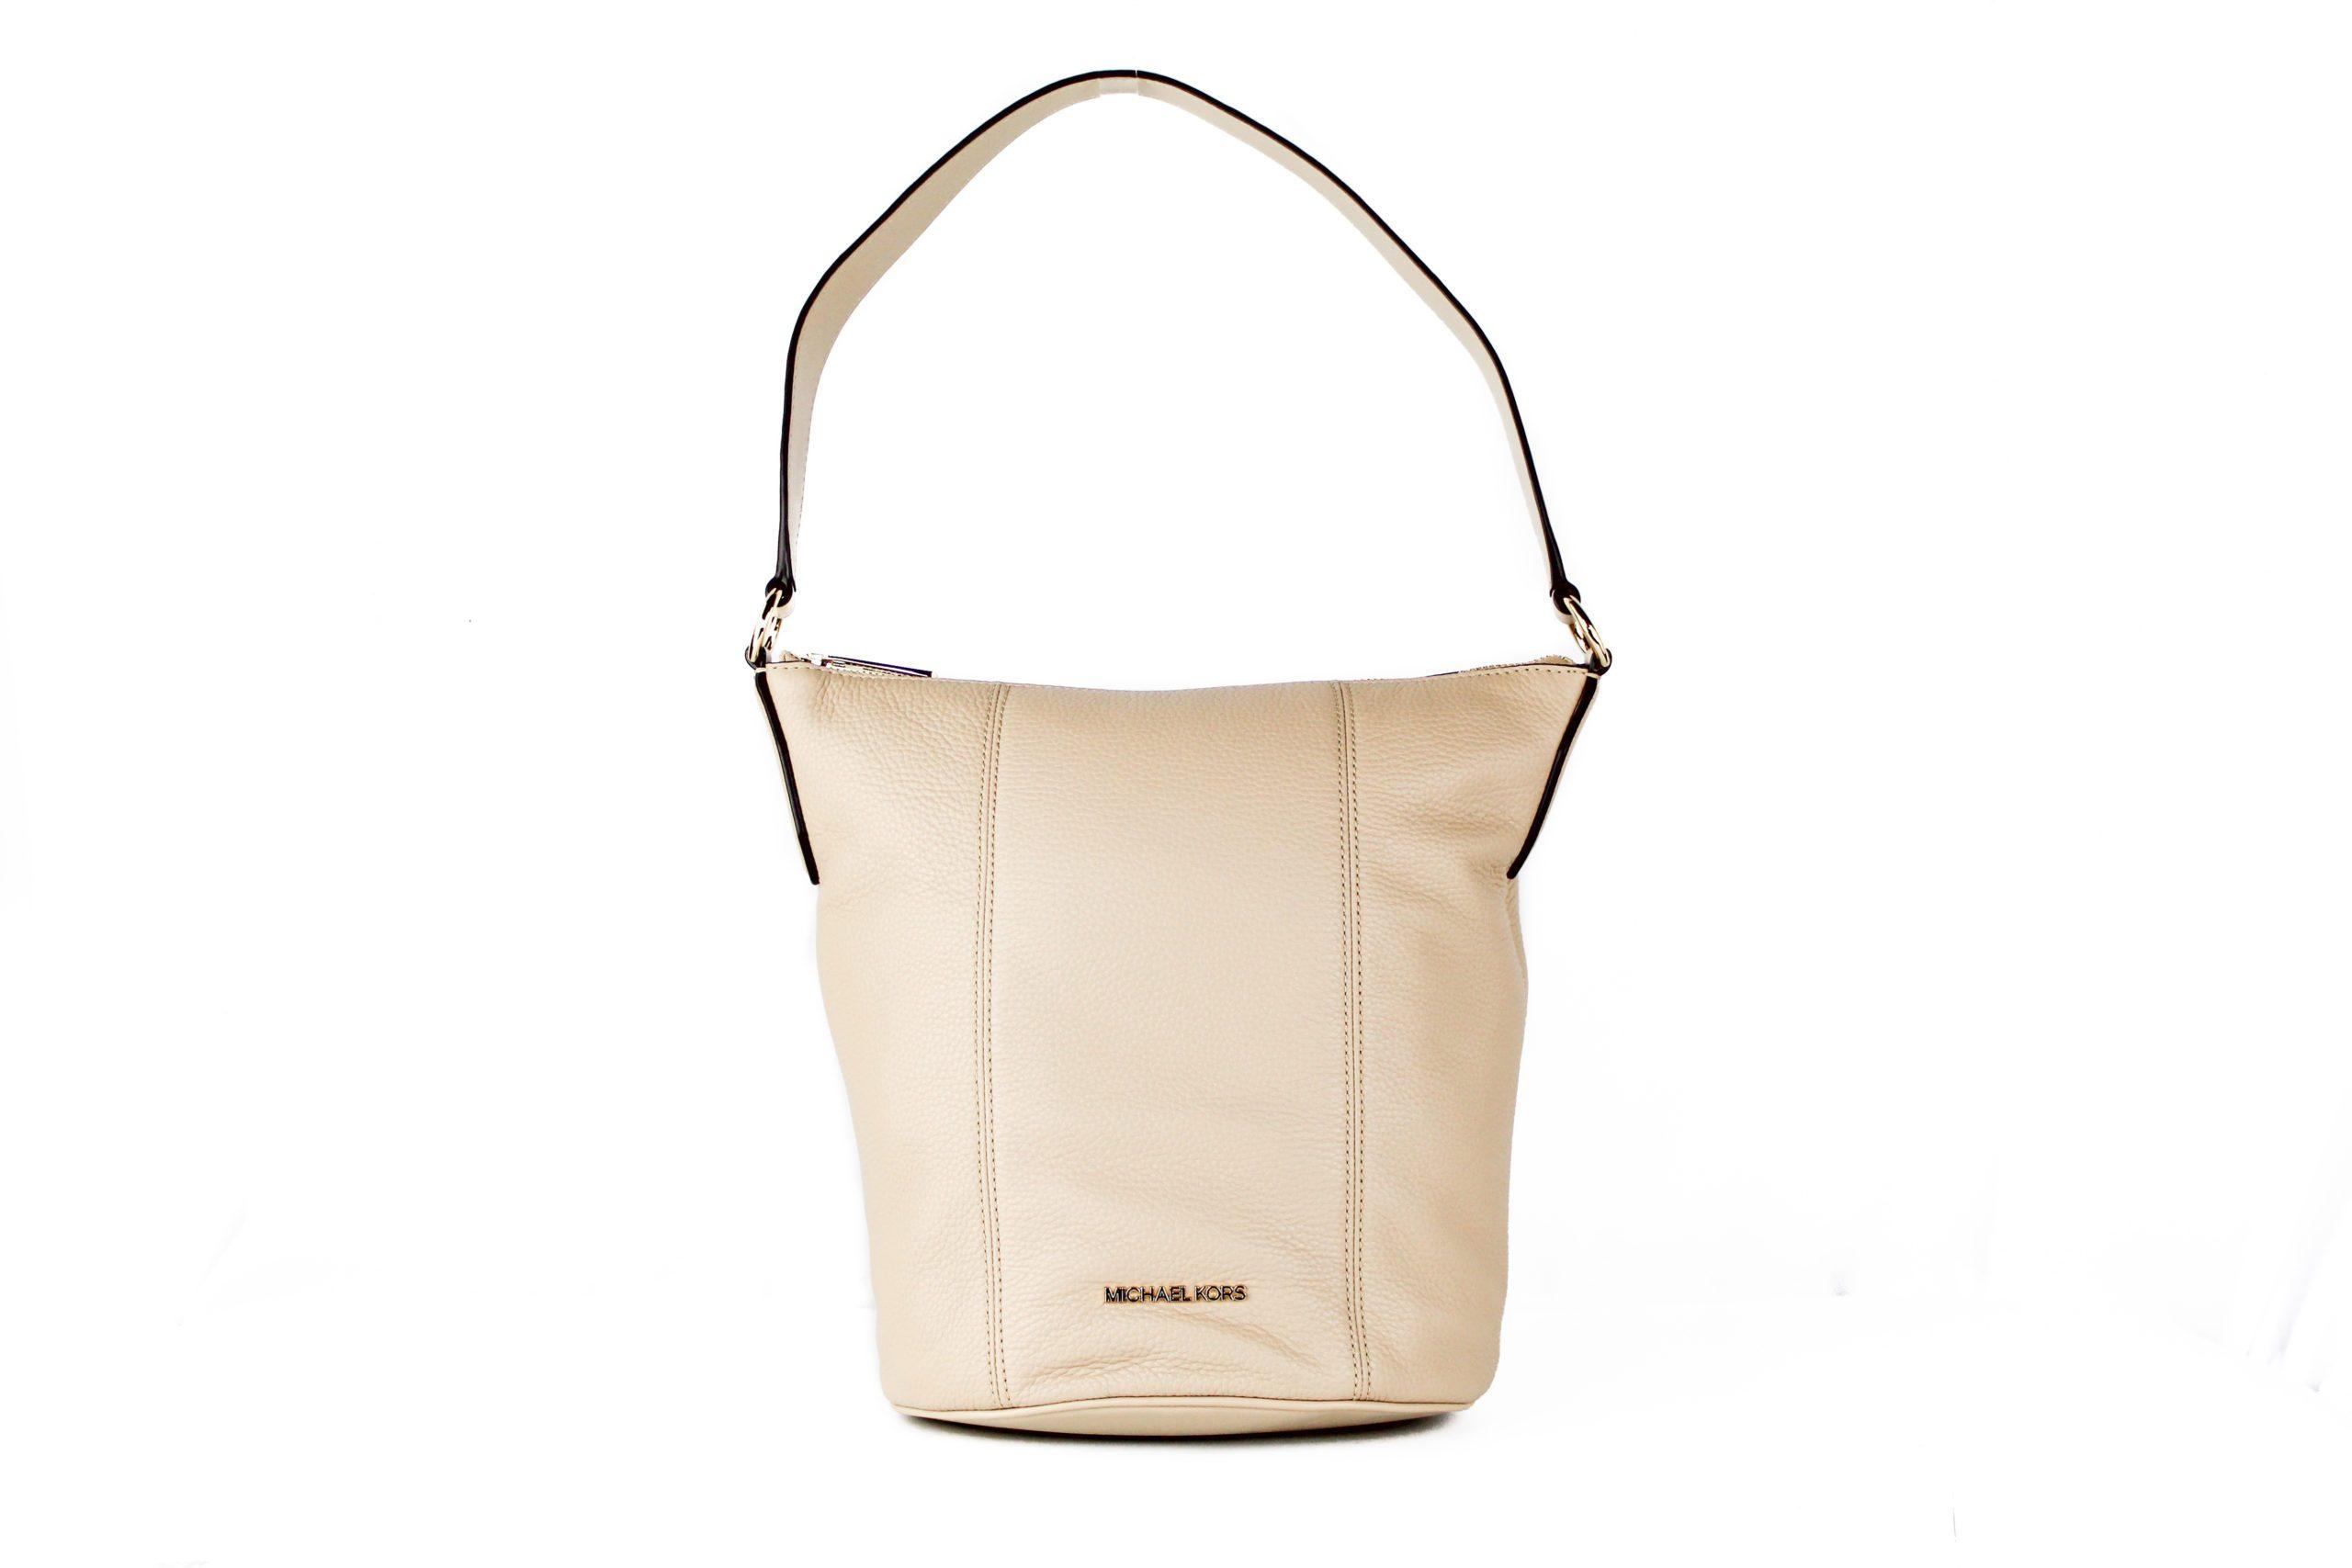 Michael Kors Women's Brooke Handbag White 22375